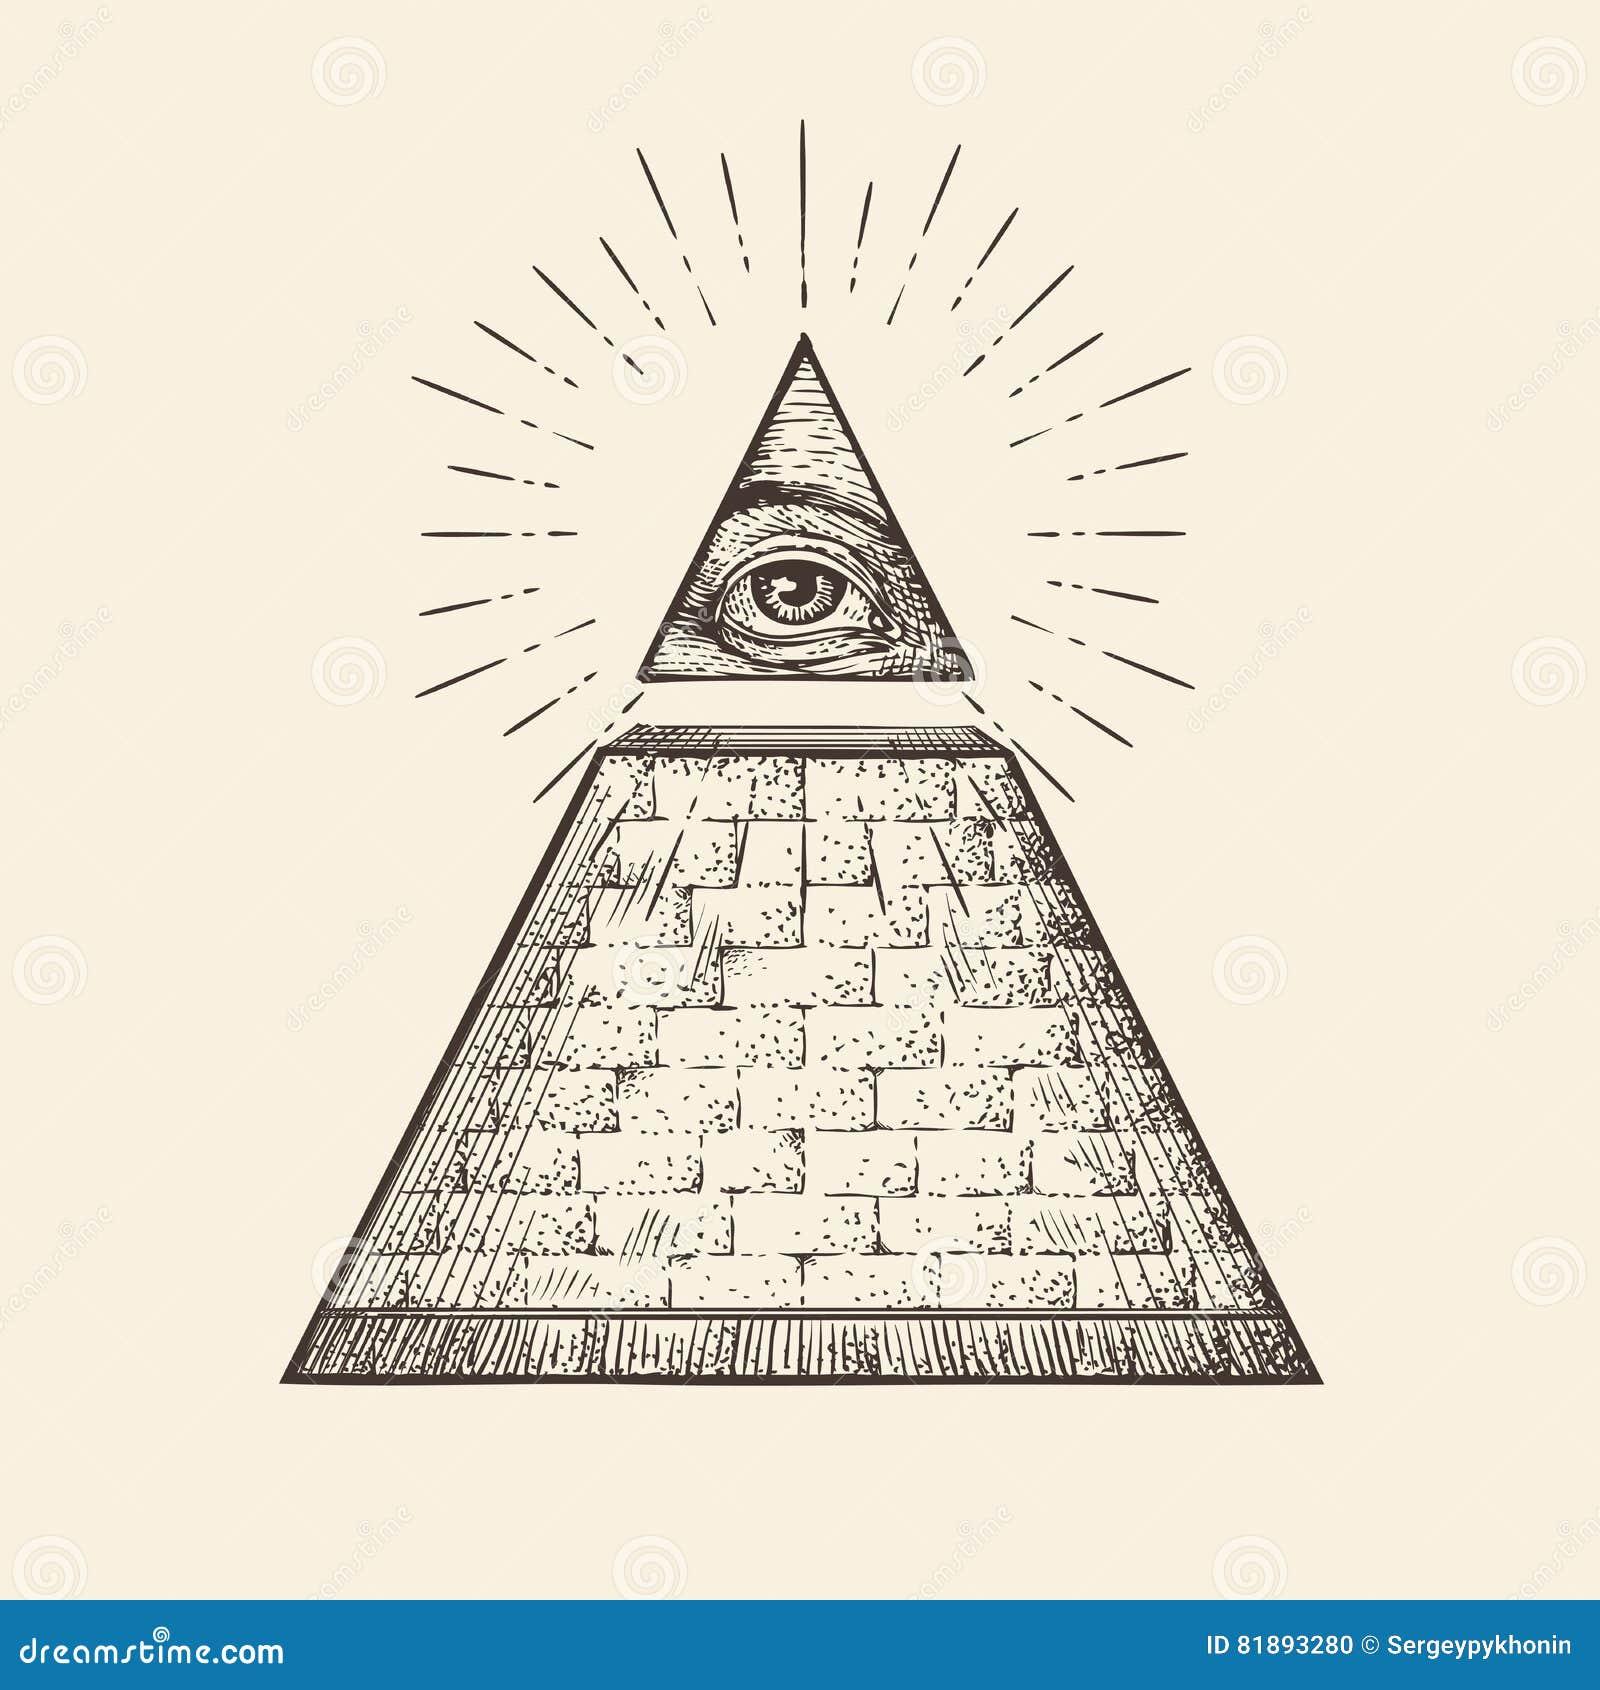 Alles sehende Augenpyramidensymbol Neue Weltordnung Hand gezeichneter Skizzenvektor